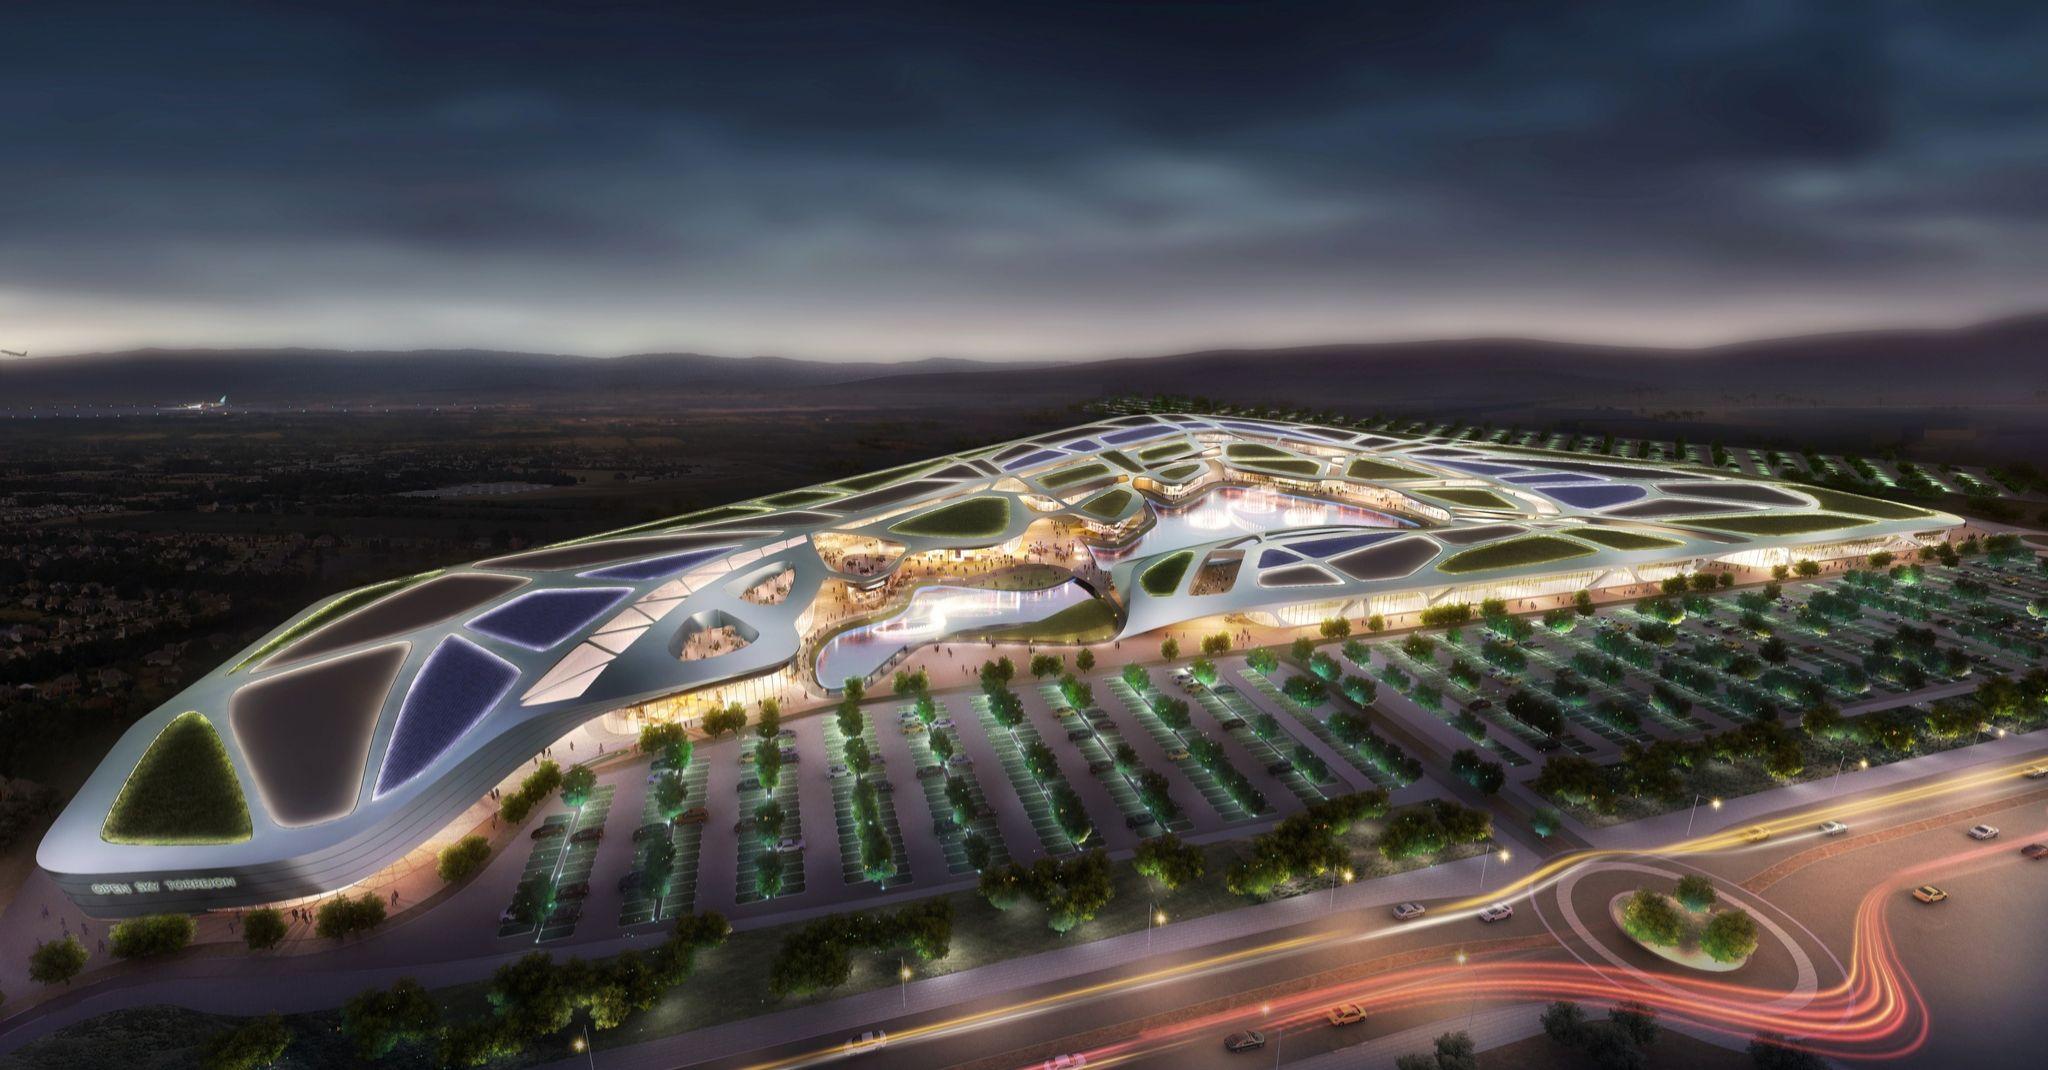 Con 96.000 m2 de superficie y un lago navegable de 12.500 m2 , entre otros atractivos, Open Sky será un referente del ocio en el Corredor del Henares y un duro competidor para el centro comercial Parque Corredor.